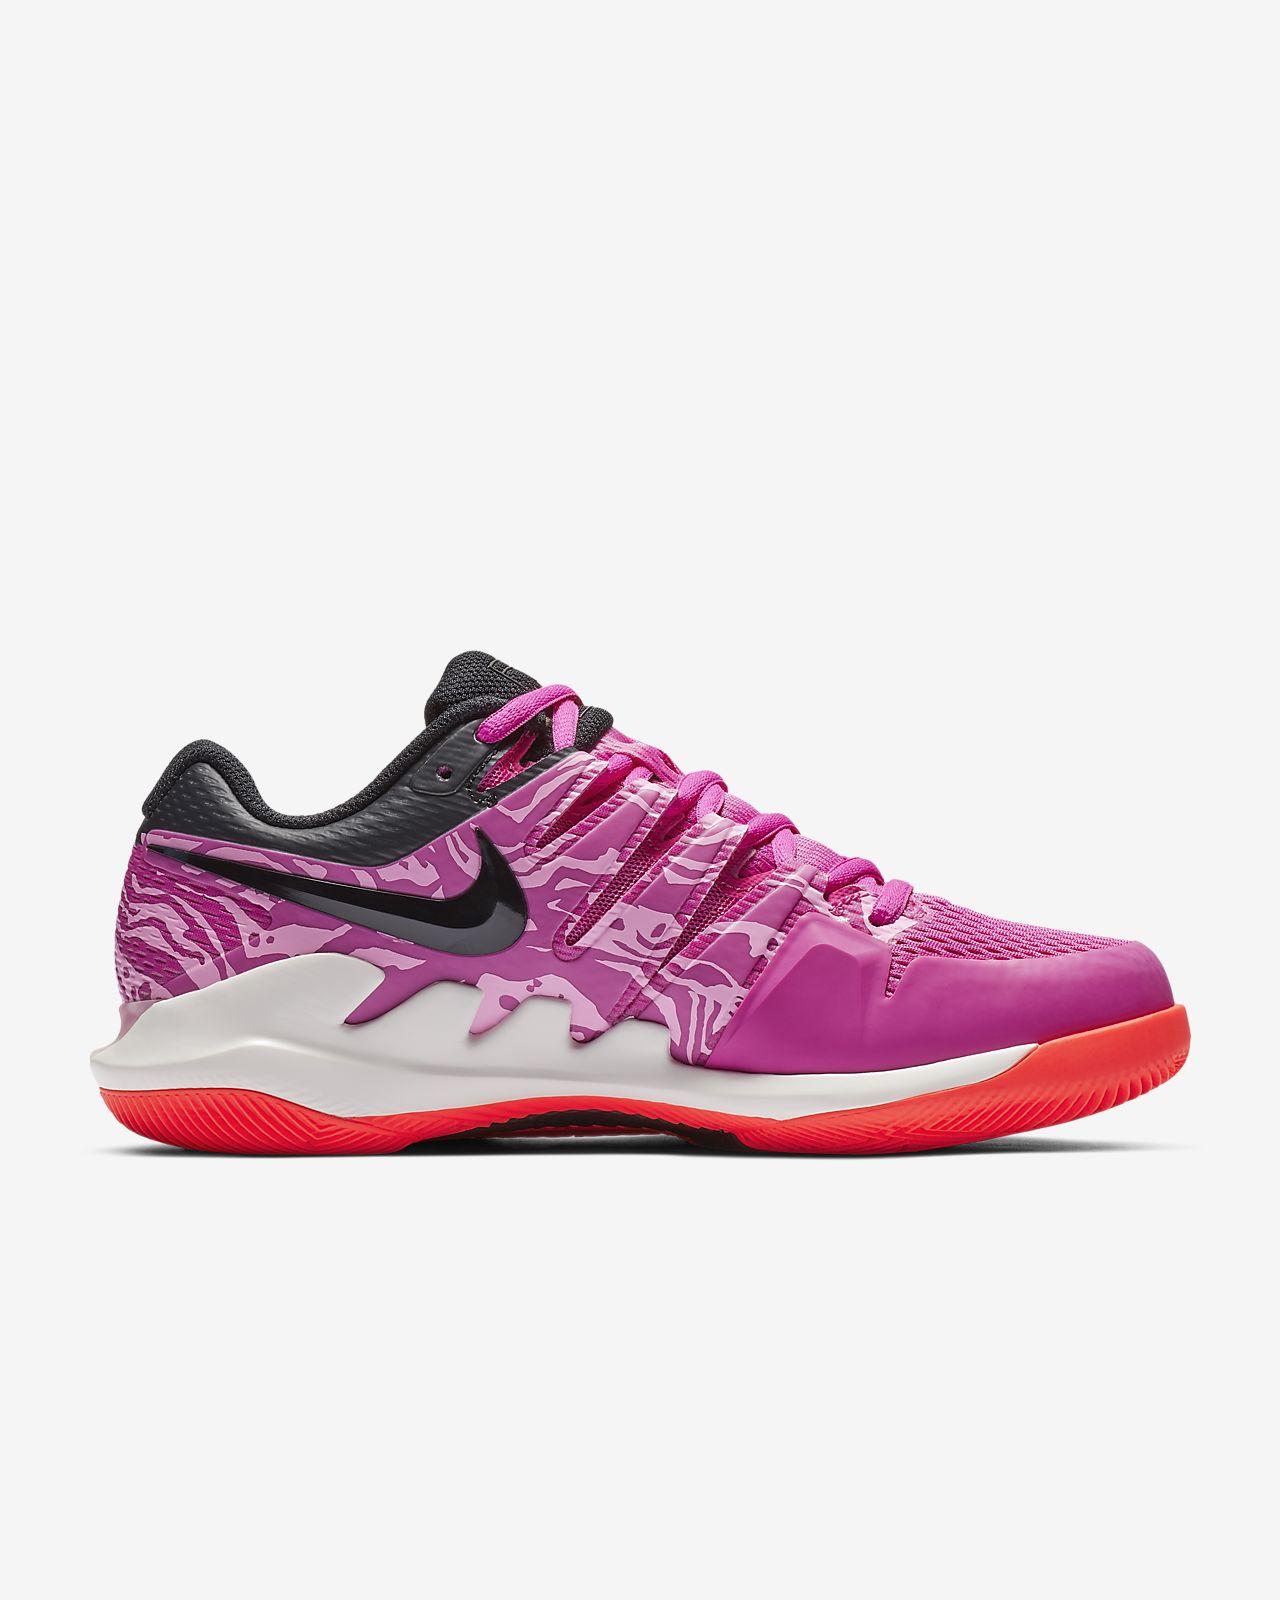 best service 83220 54897 ... Tennissko för hårt underlag NikeCourt Air Zoom Vapor X för kvinnor